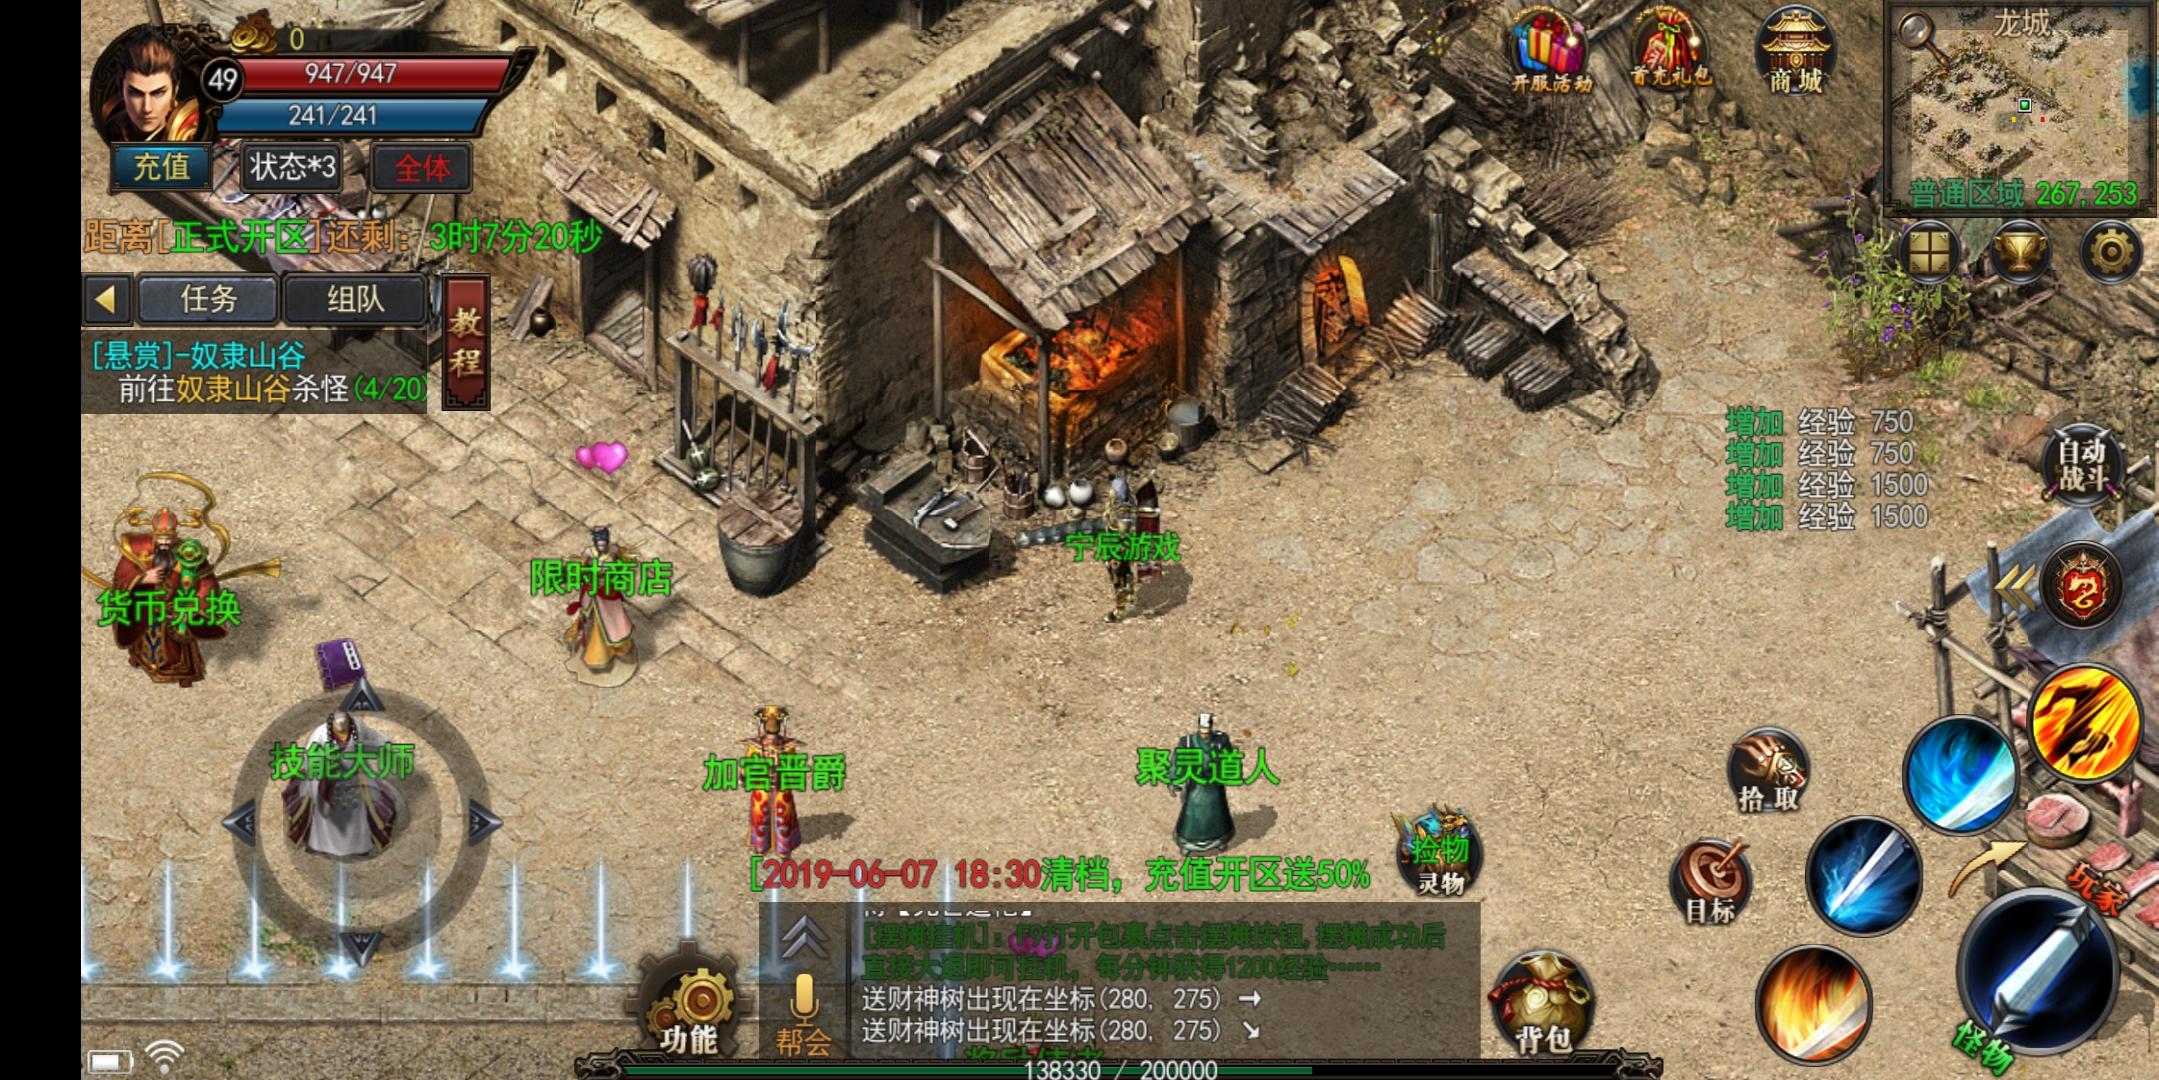 传奇手游:龙哥神途,玩家要怎样配合才能进入铁血魔宫,挑战魔王?